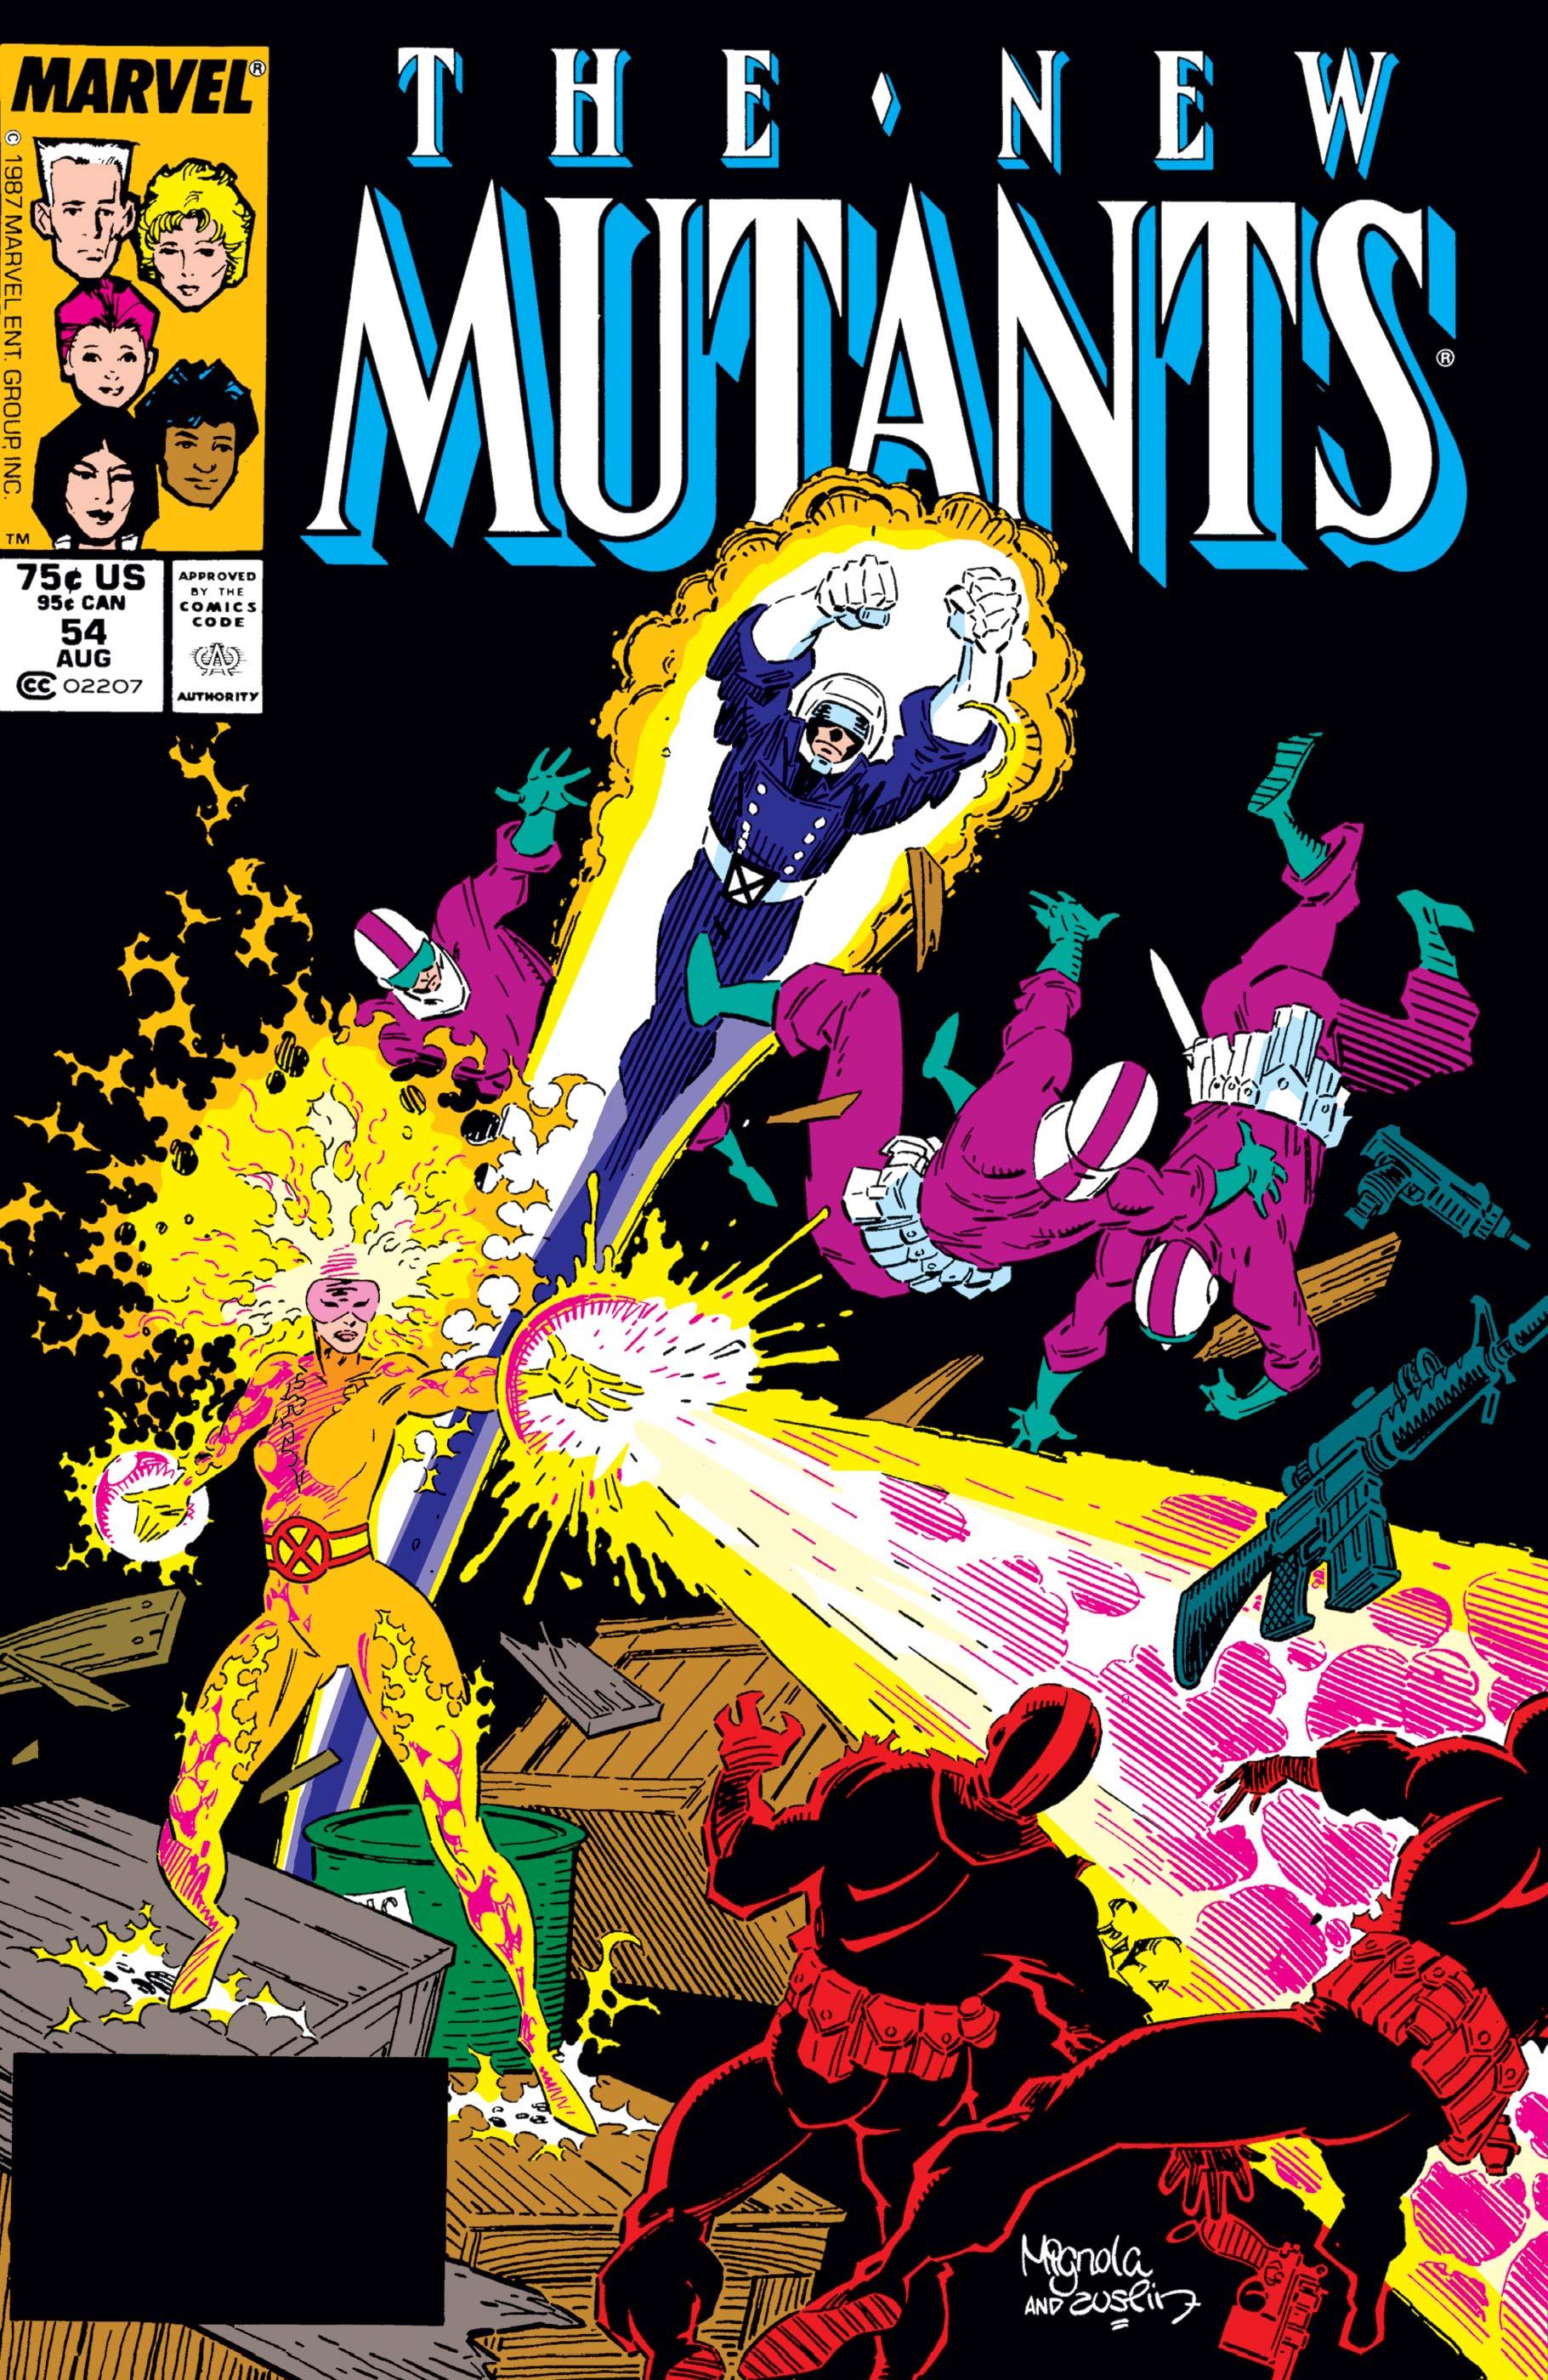 New Mutants (1983) #54